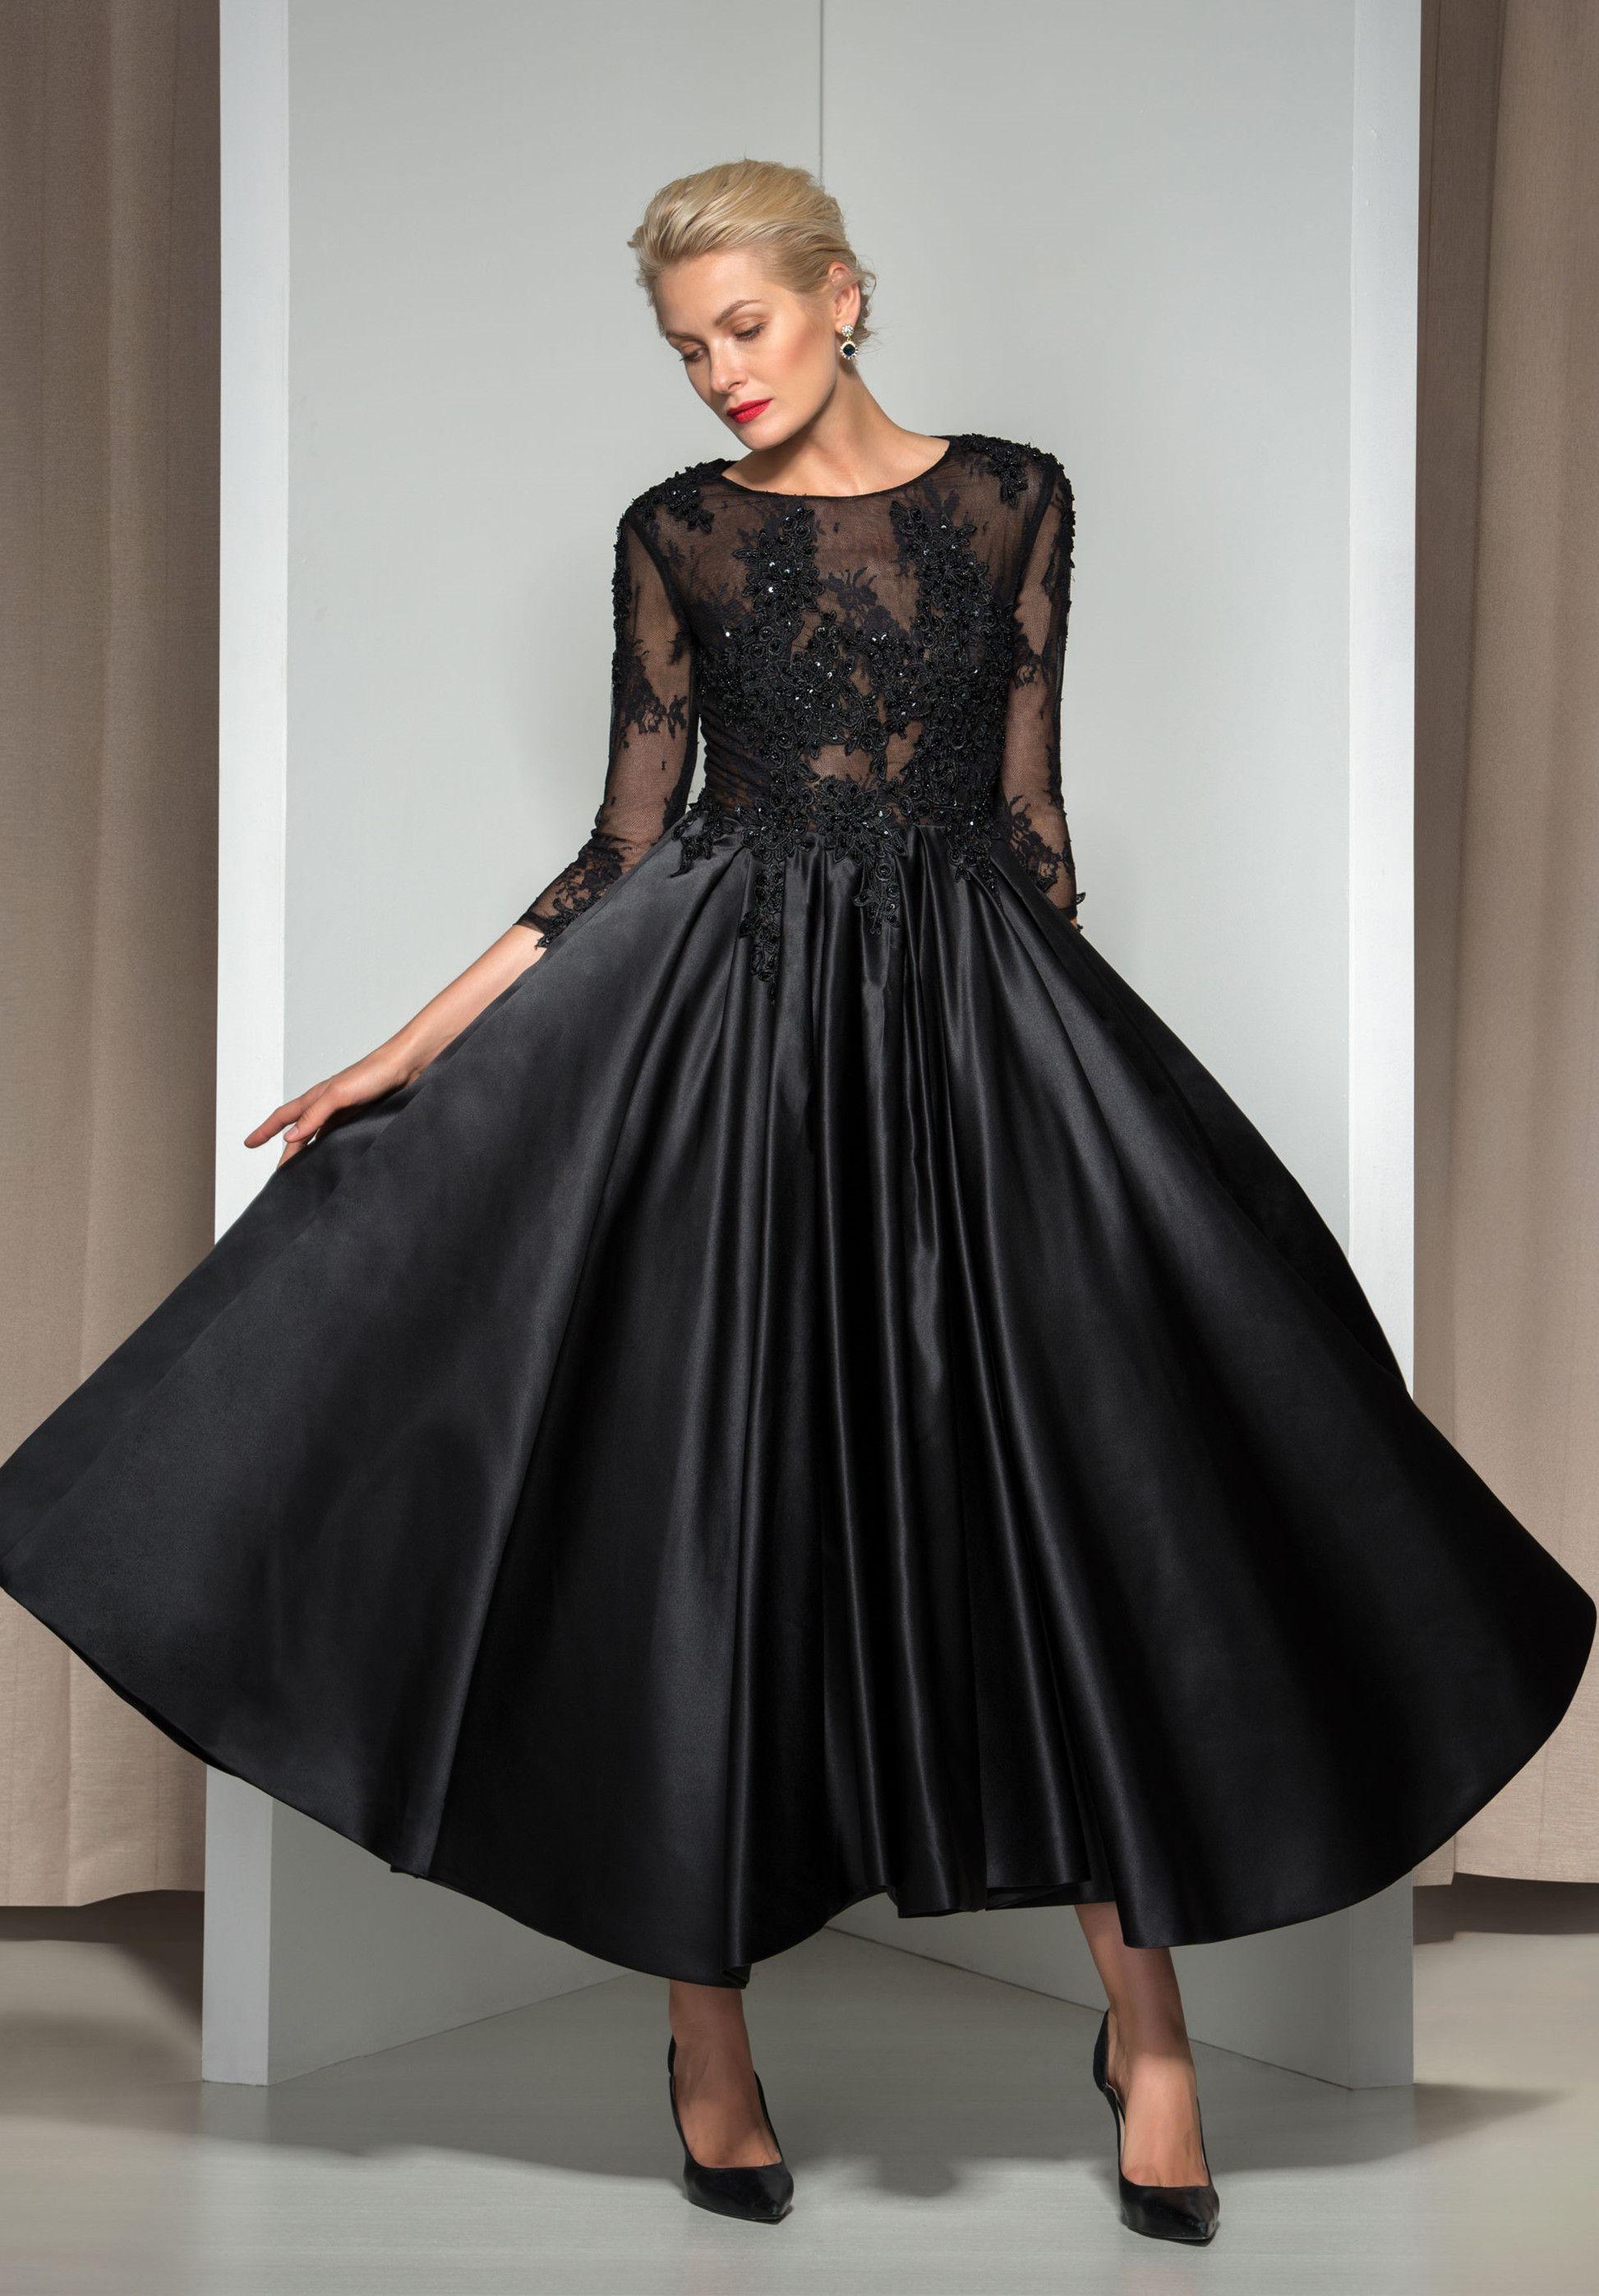 114/14 Long Sleeve Lace A-Line Evening Dress Link:http://urlend.com